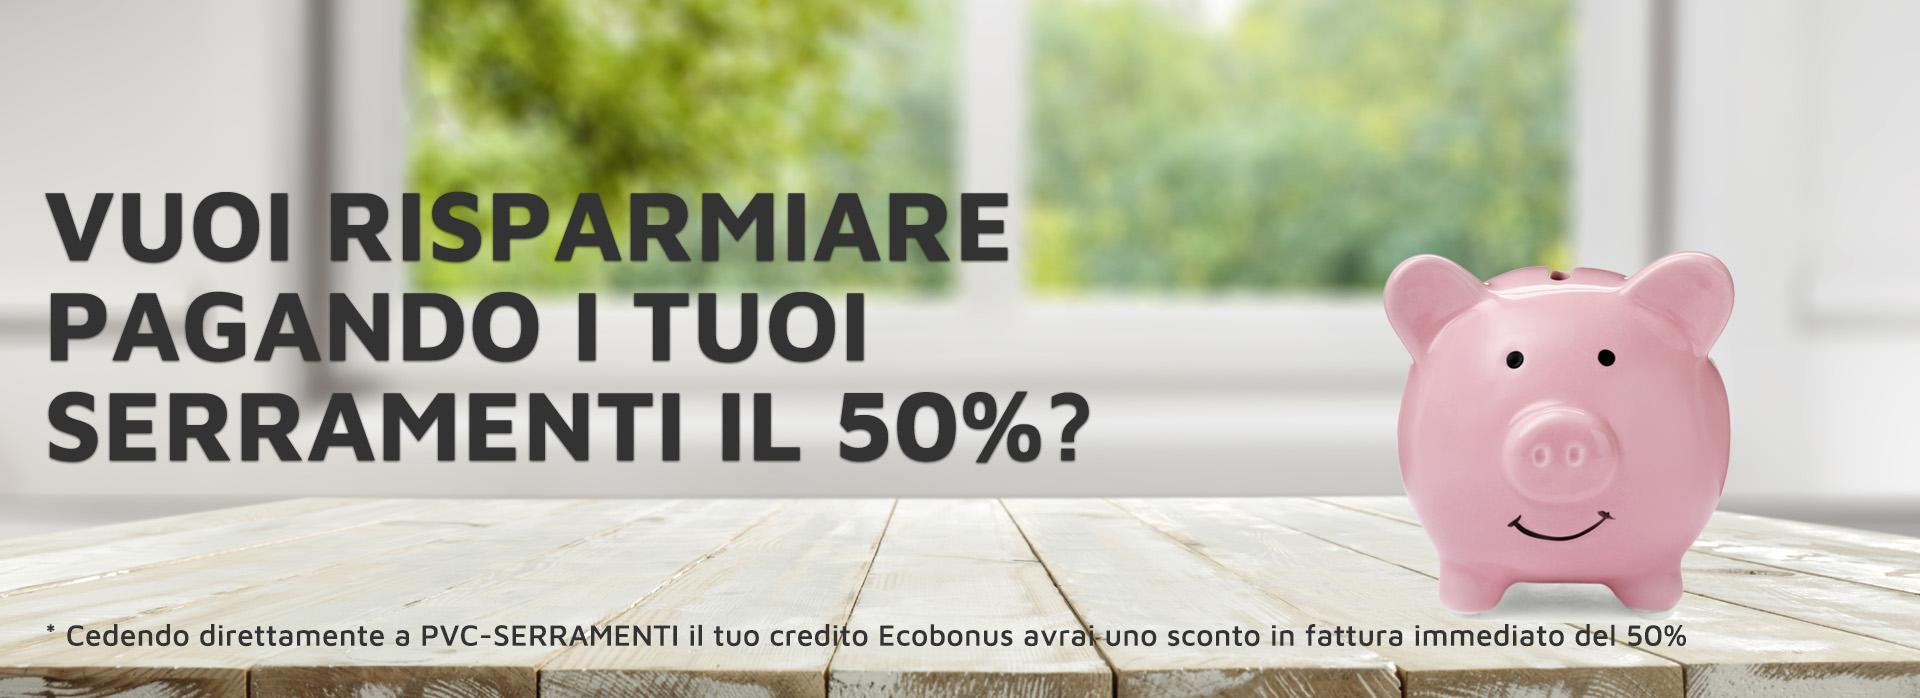 pvc-serramenti-cessione-credito-ecobonus-slide-new